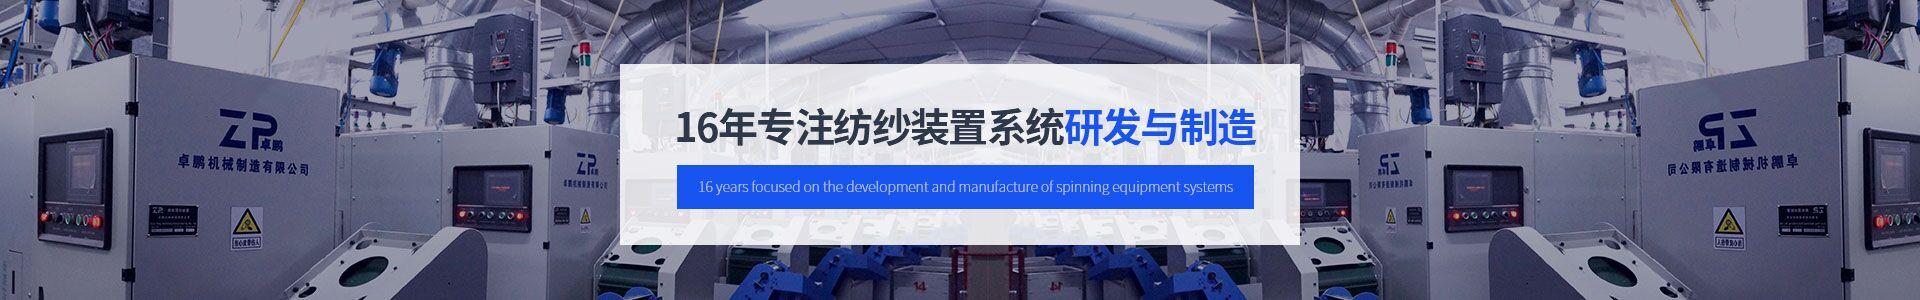 卓鹏16年专注纺纱装置系统研发与制造